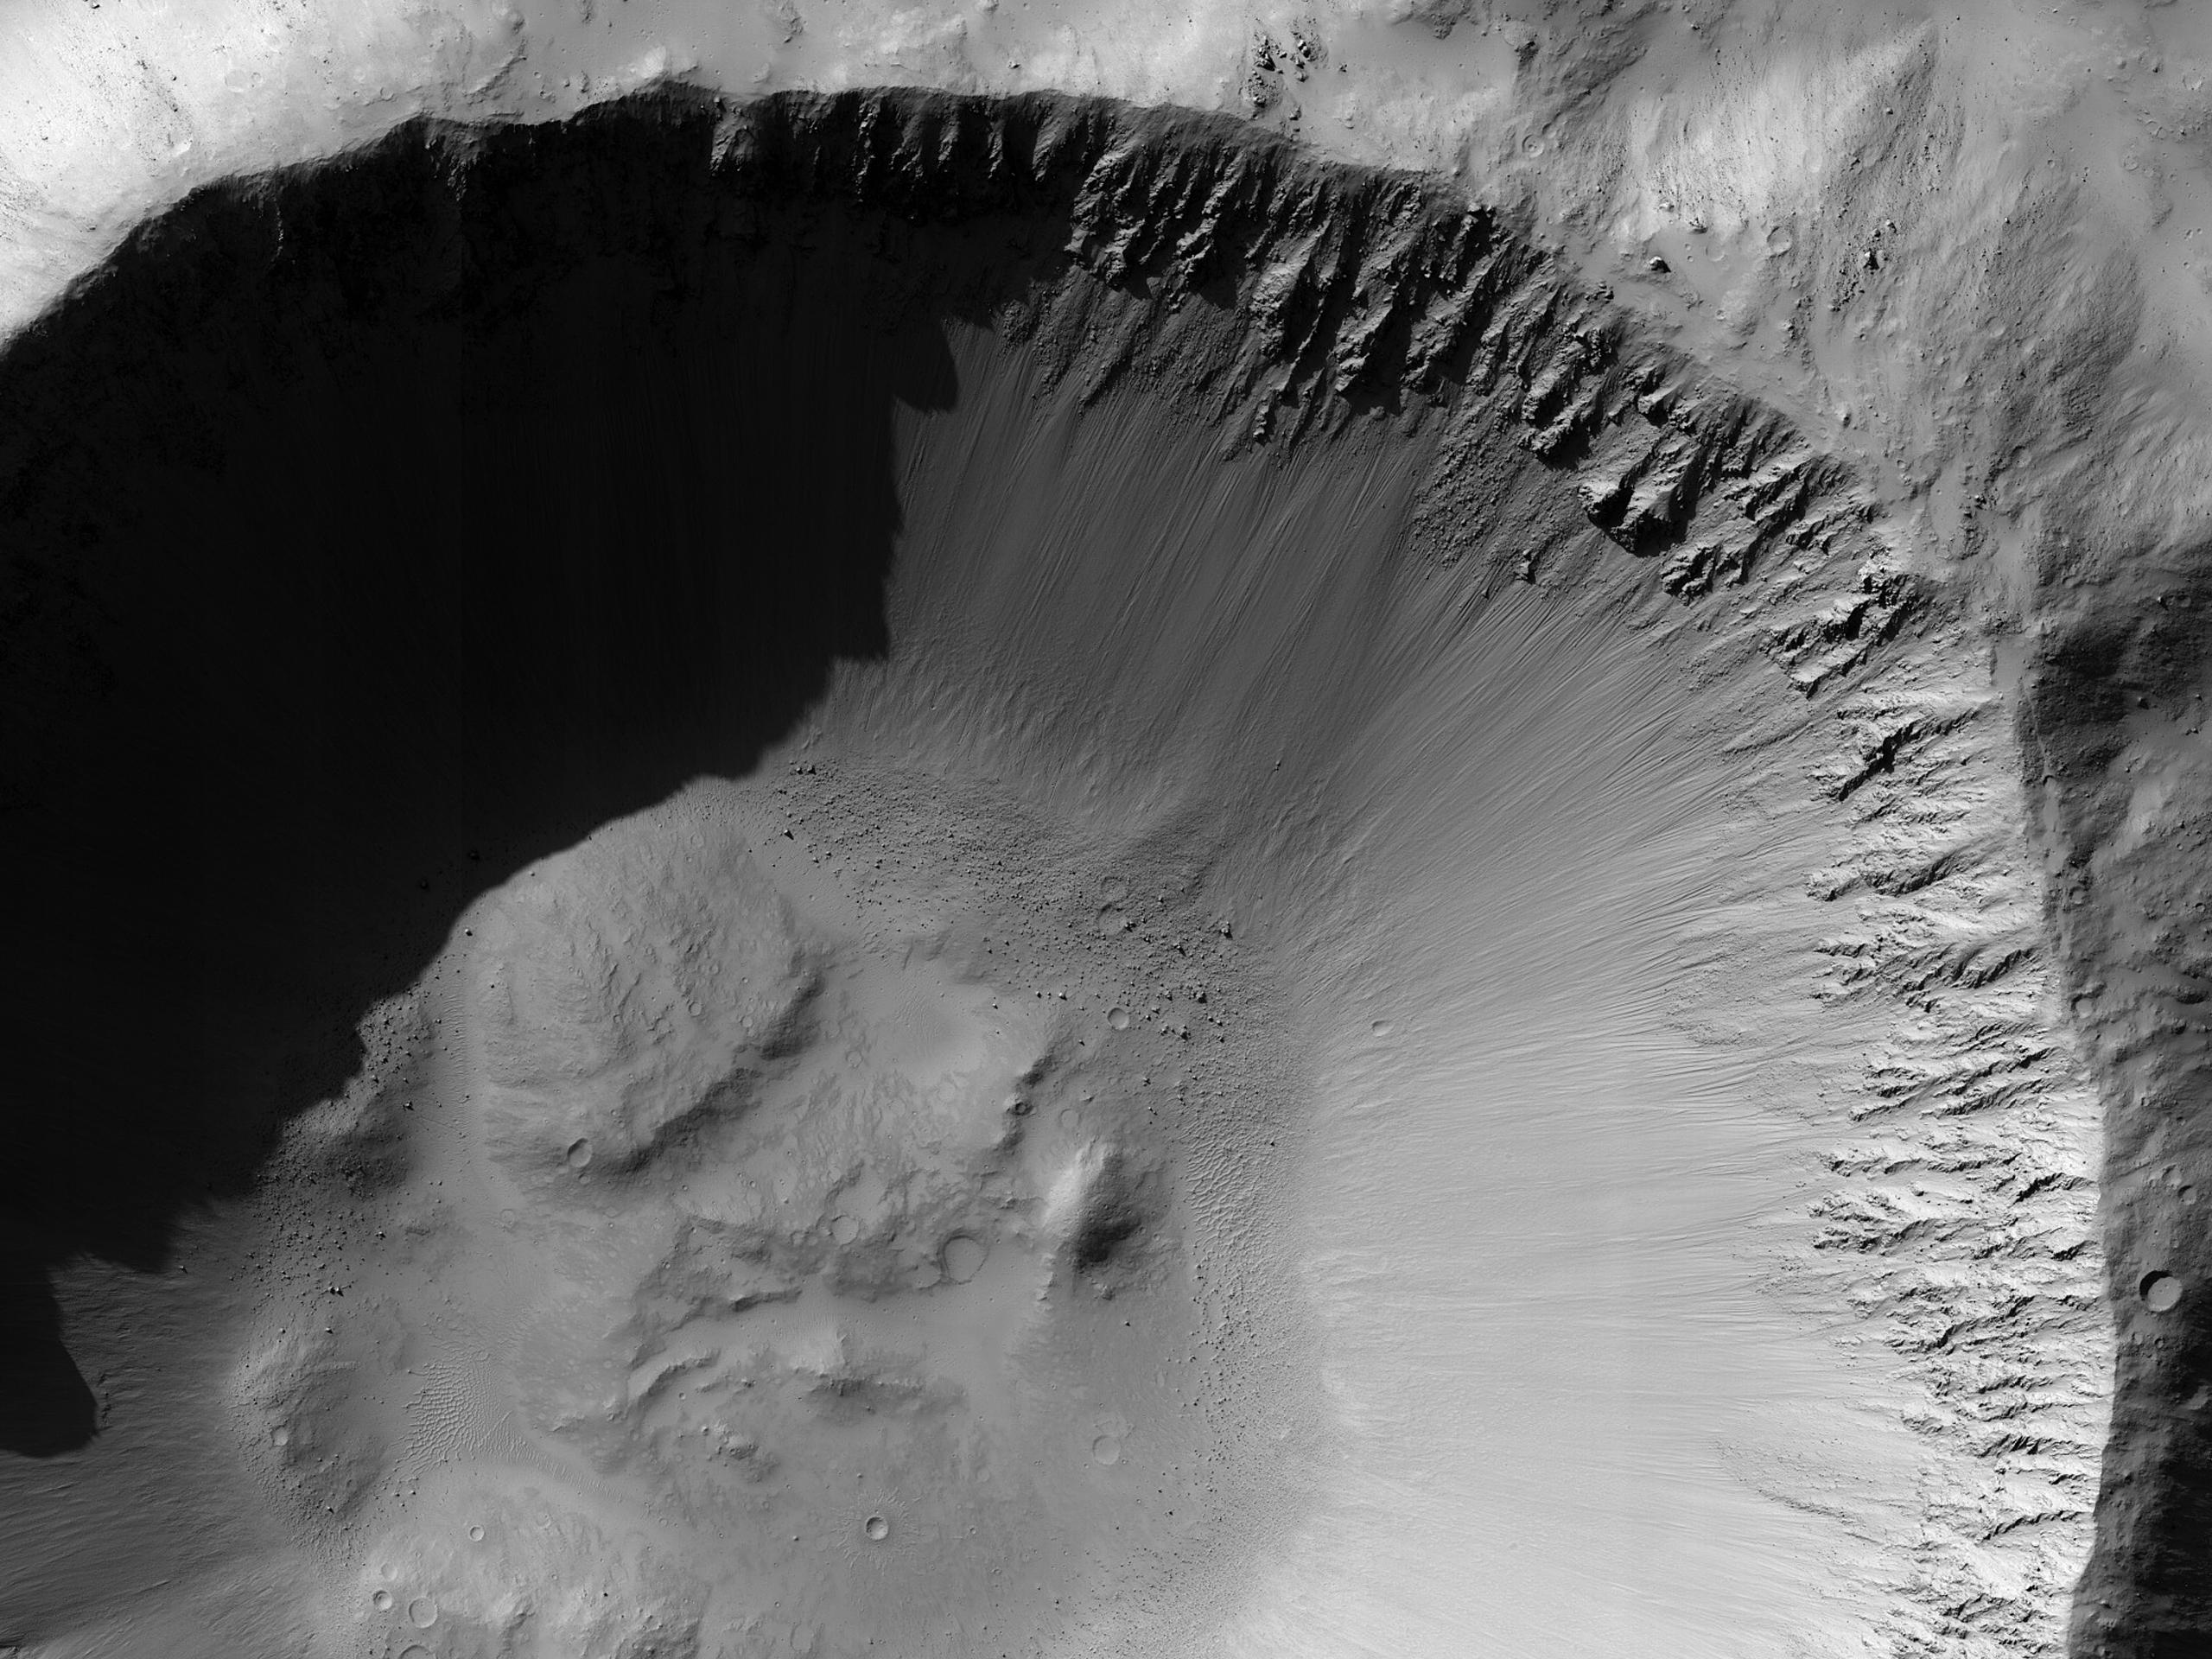 אזור אפשרי למחקר אנושי ליד מכתש גוסב (Gusev)